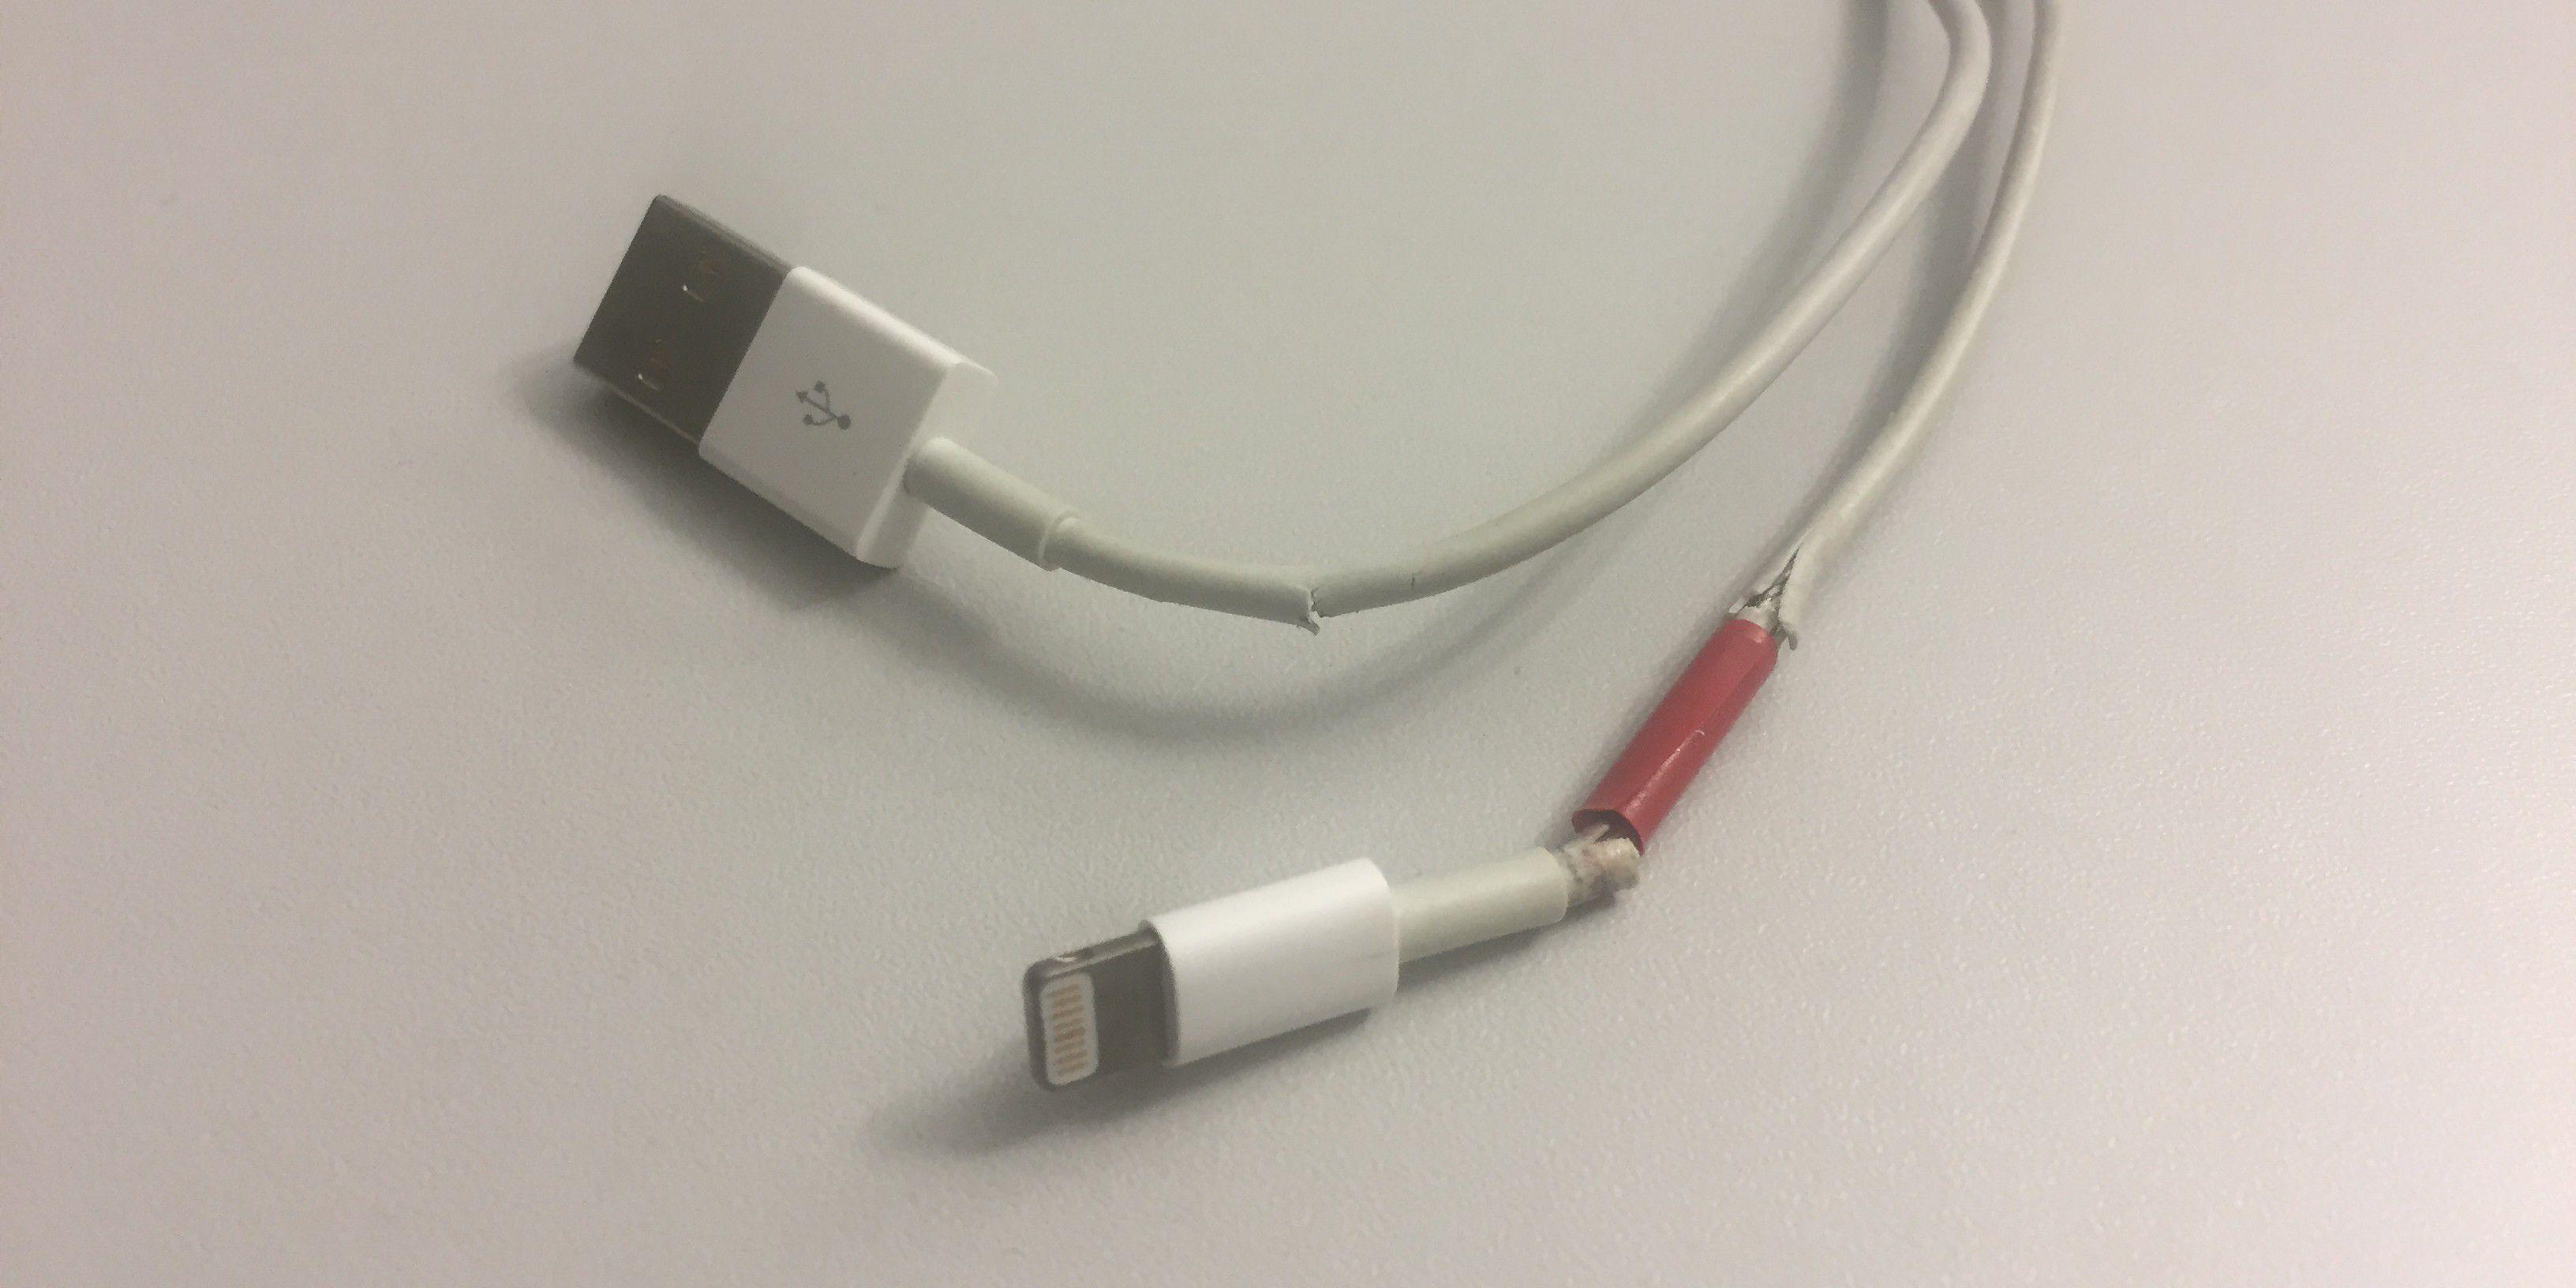 Ladekabel Aufbewahrung iphone ladekabel wie kabelbrüche und verbindungsproblem